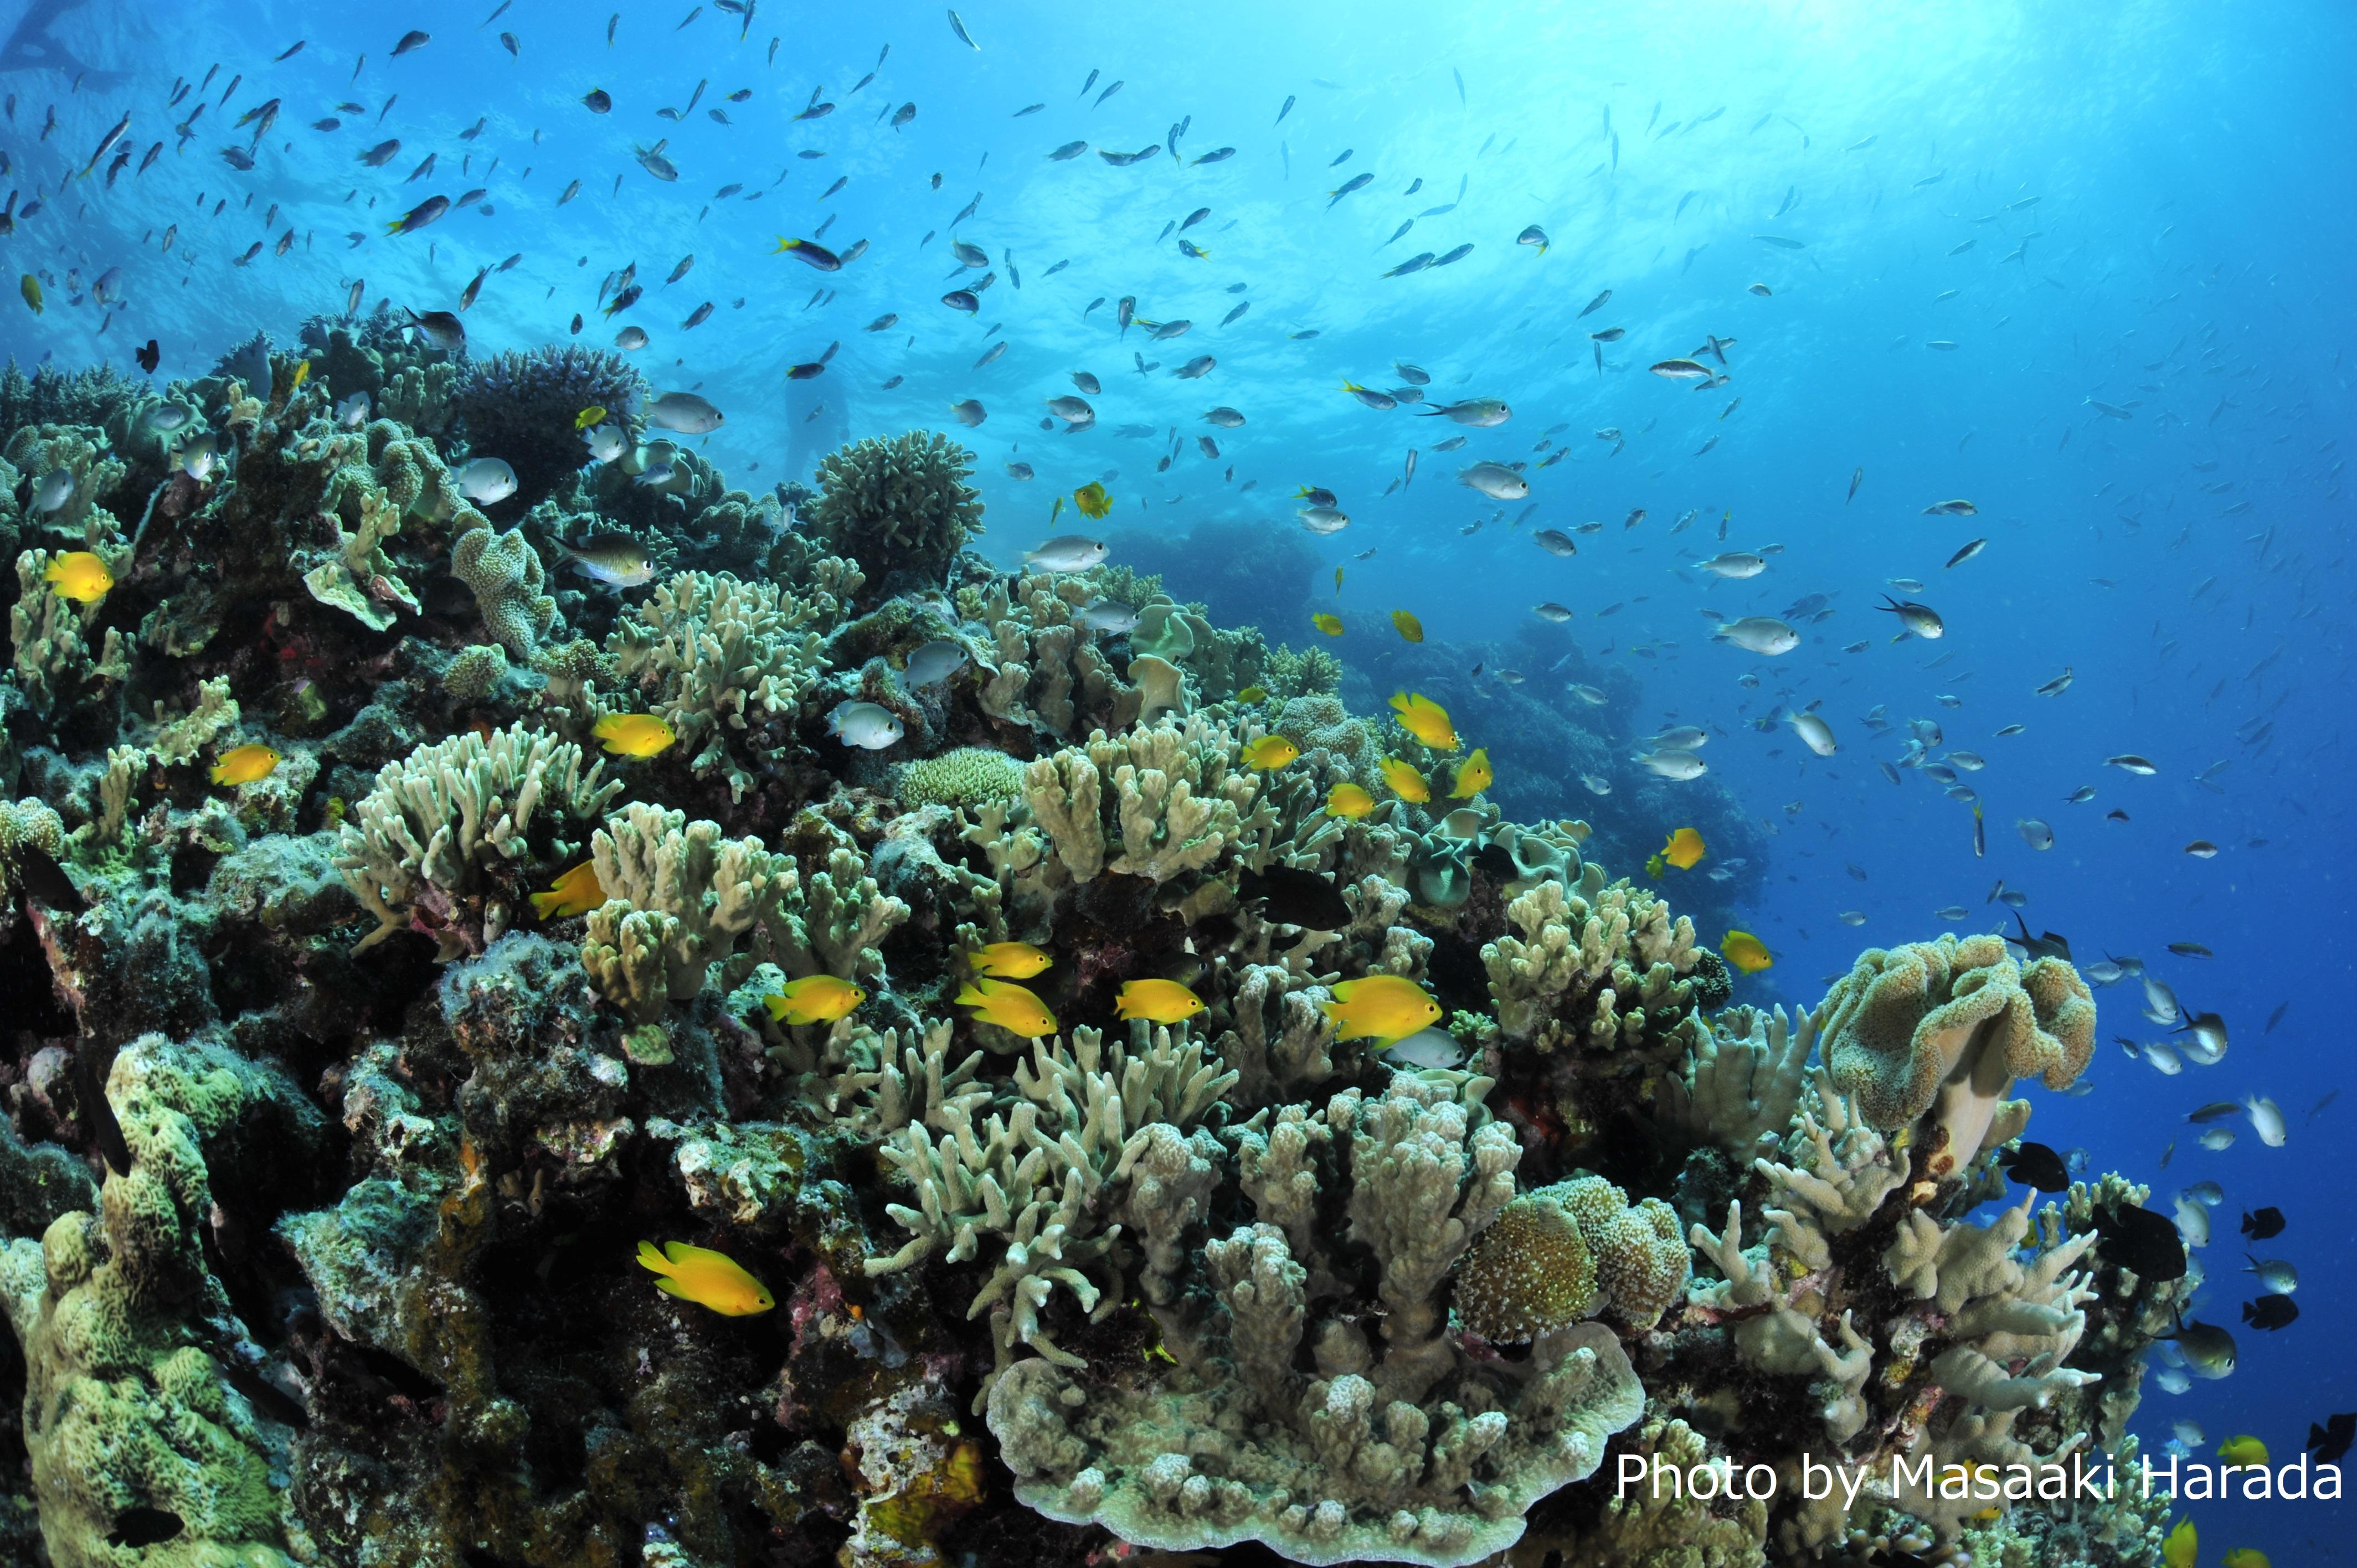 サンゴ礁はたくさんの生物の家(オーストラリア、グレートバリアリーフ)